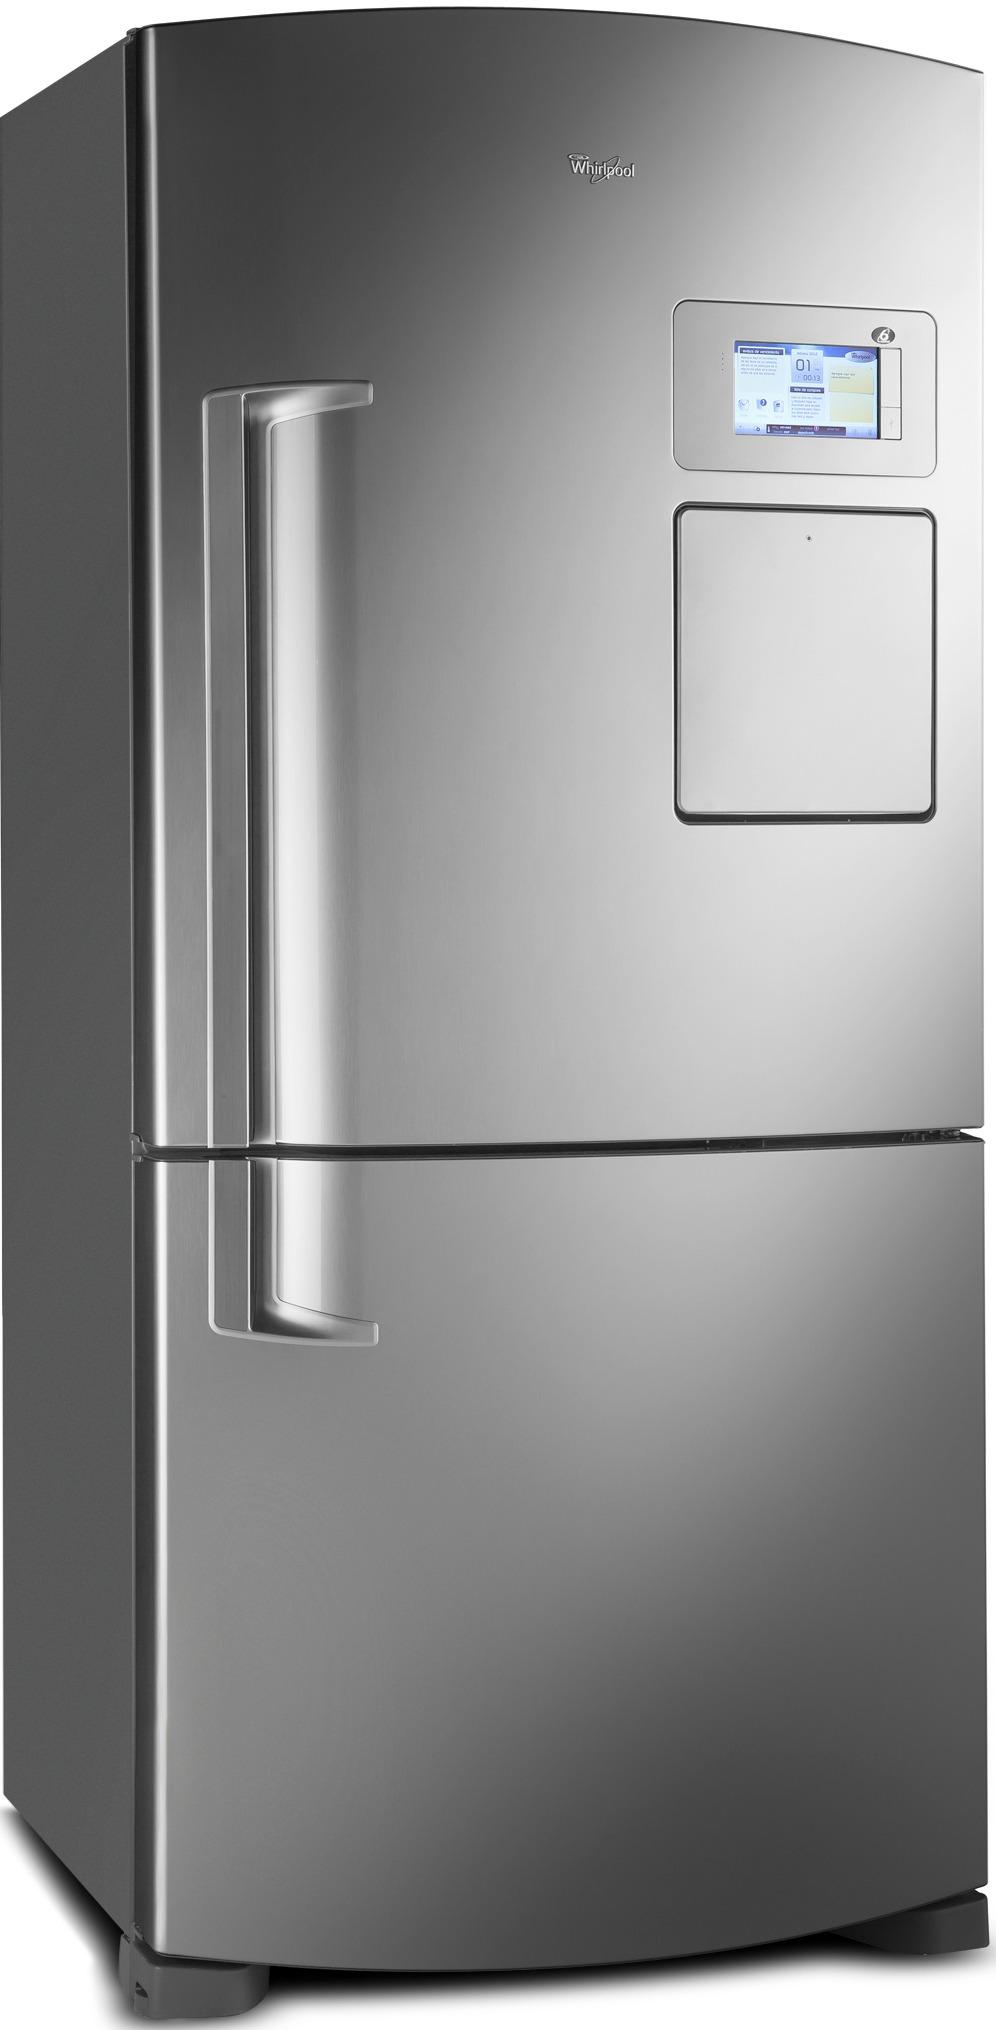 Resultado de imagen para Whirlpool, la fabricante estadounidense de heladeras, lavarropas y cocinas